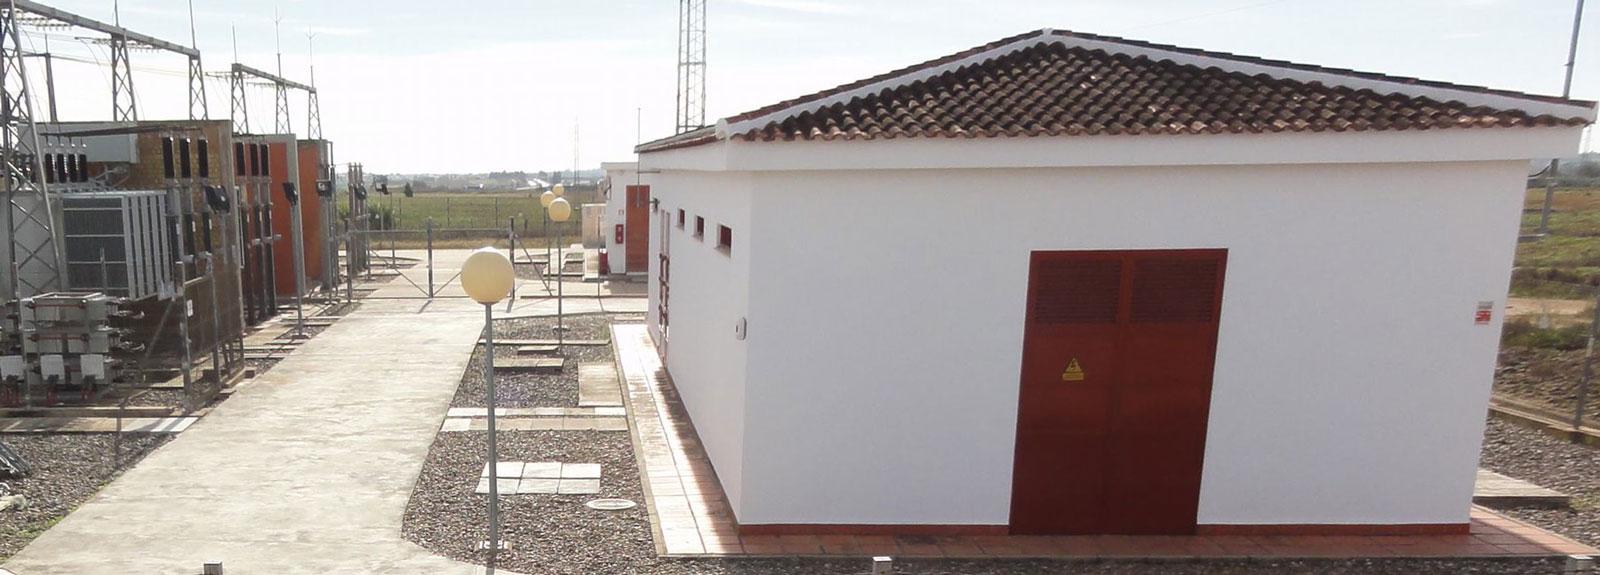 Tipos de centros de transformación eléctrica - Villa Flores Martín